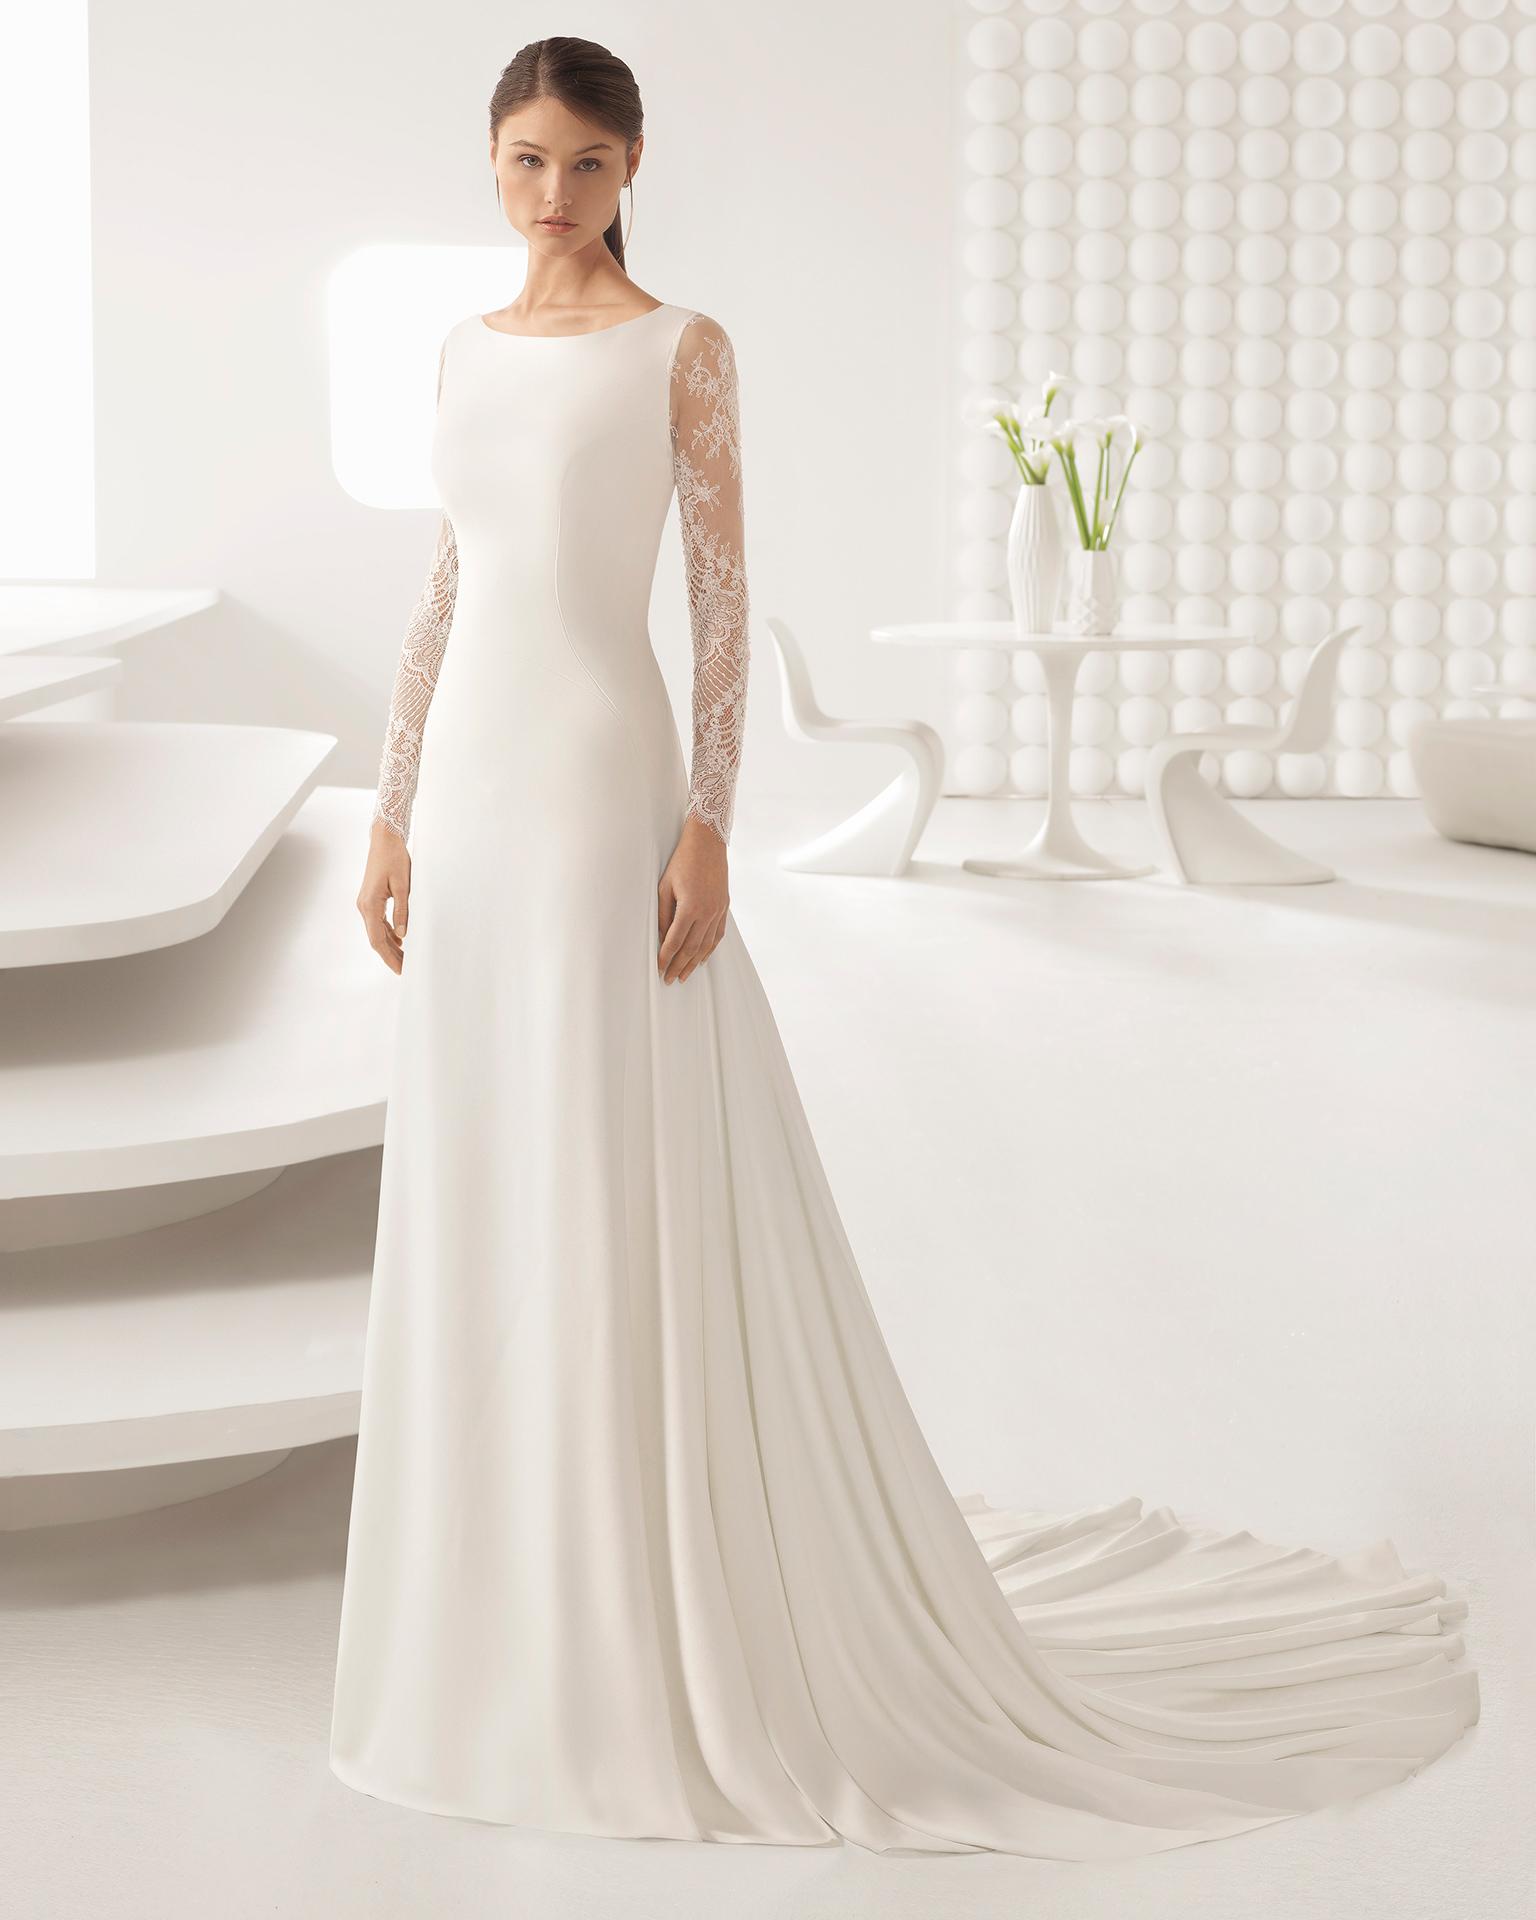 Träumewerk: Vintage-Brautkleider kommen nach Kiel